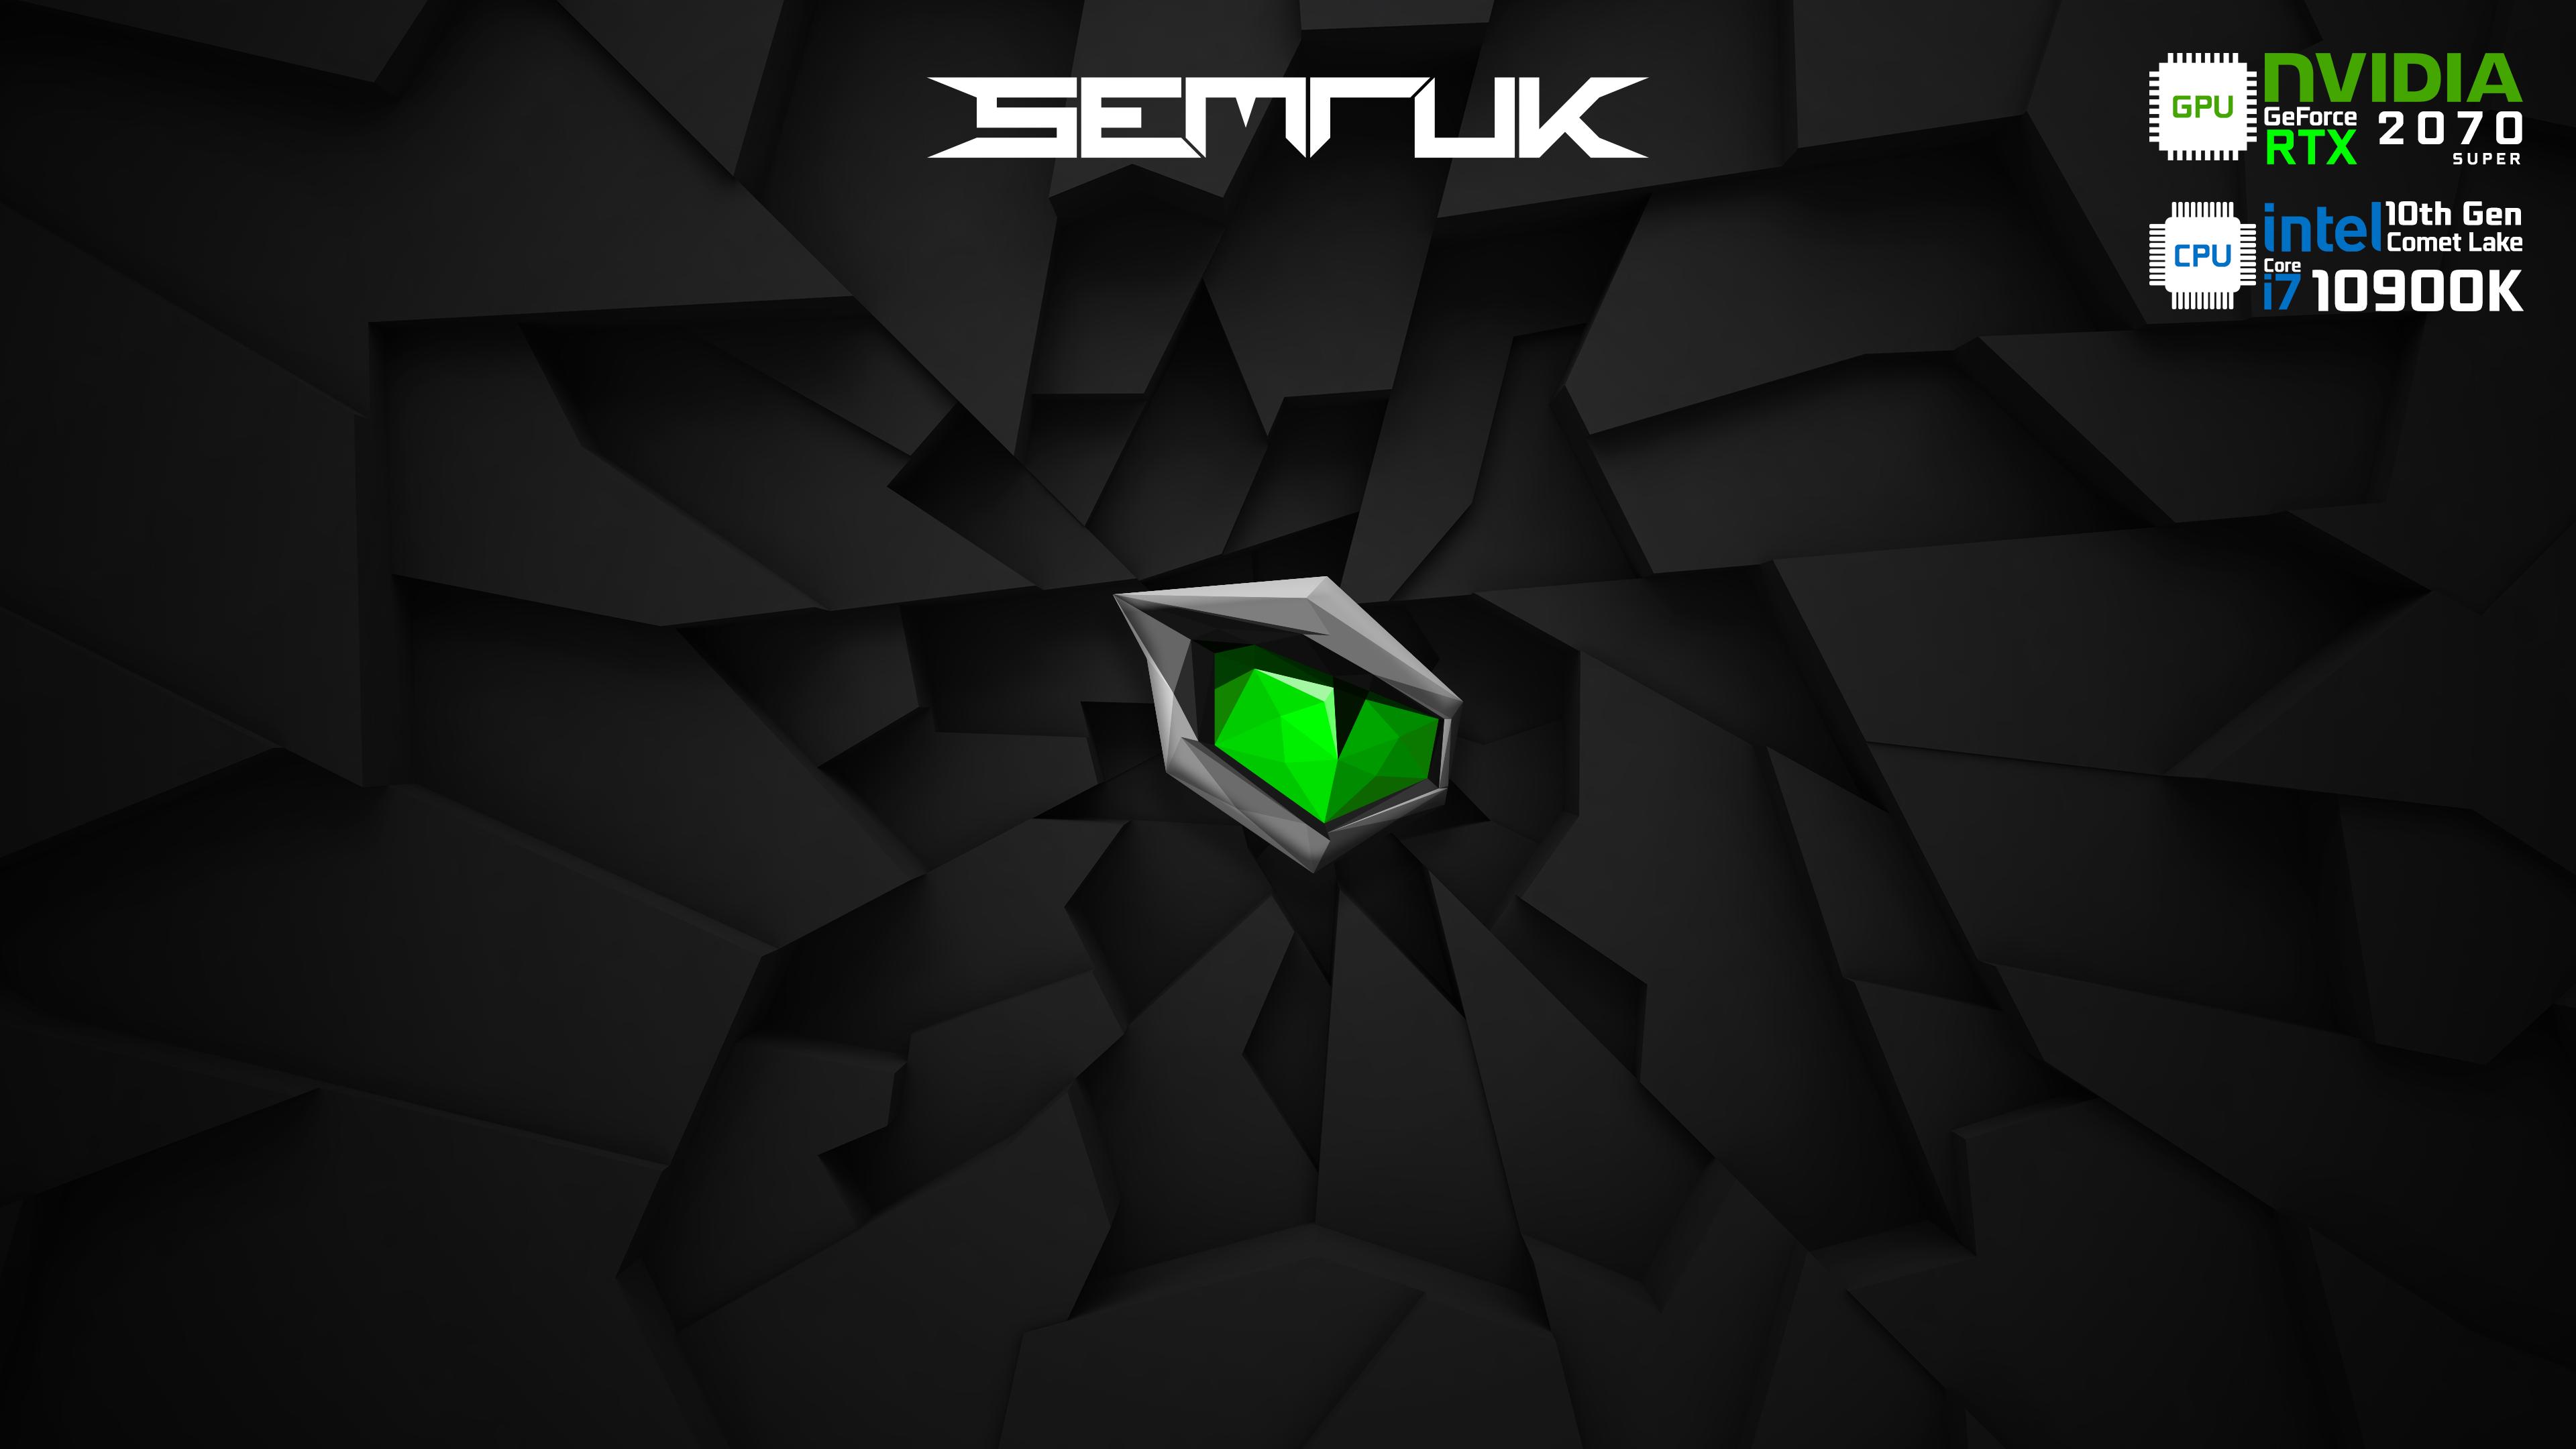 Monster - Semruk - 2070SUPER - i7 - 10900K